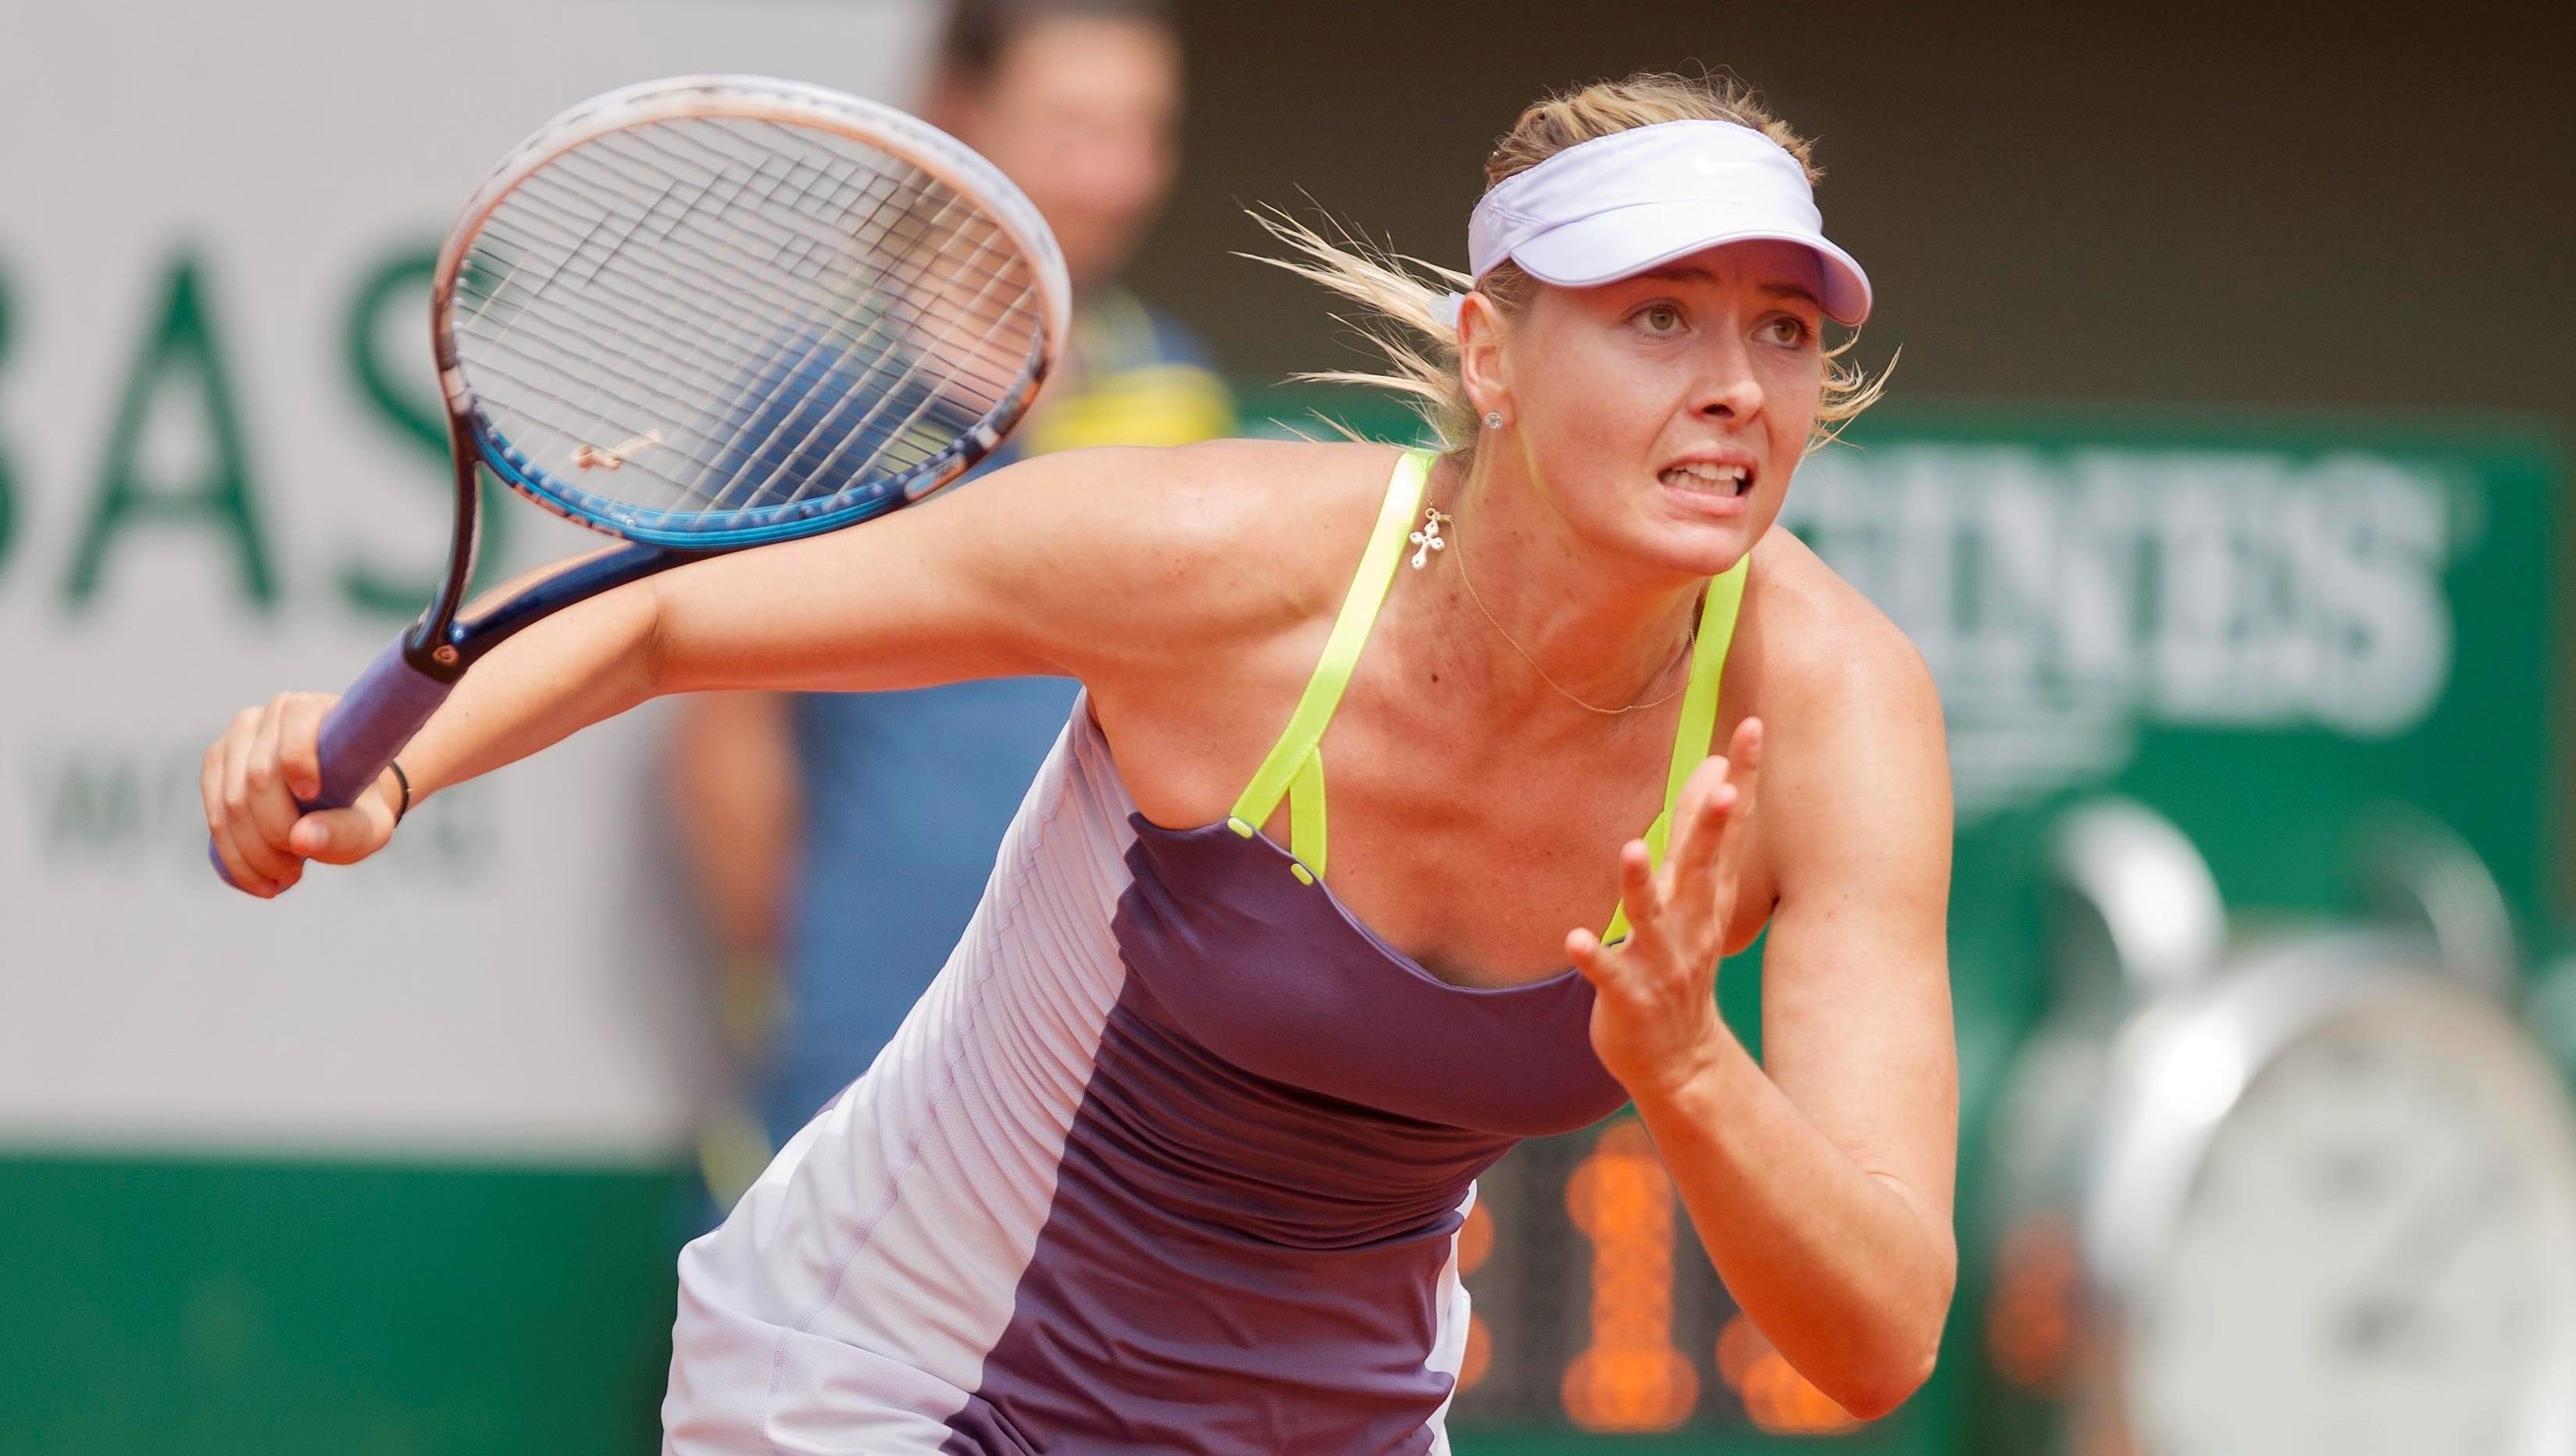 Maria kirilenko rafael nadal dating tennis news